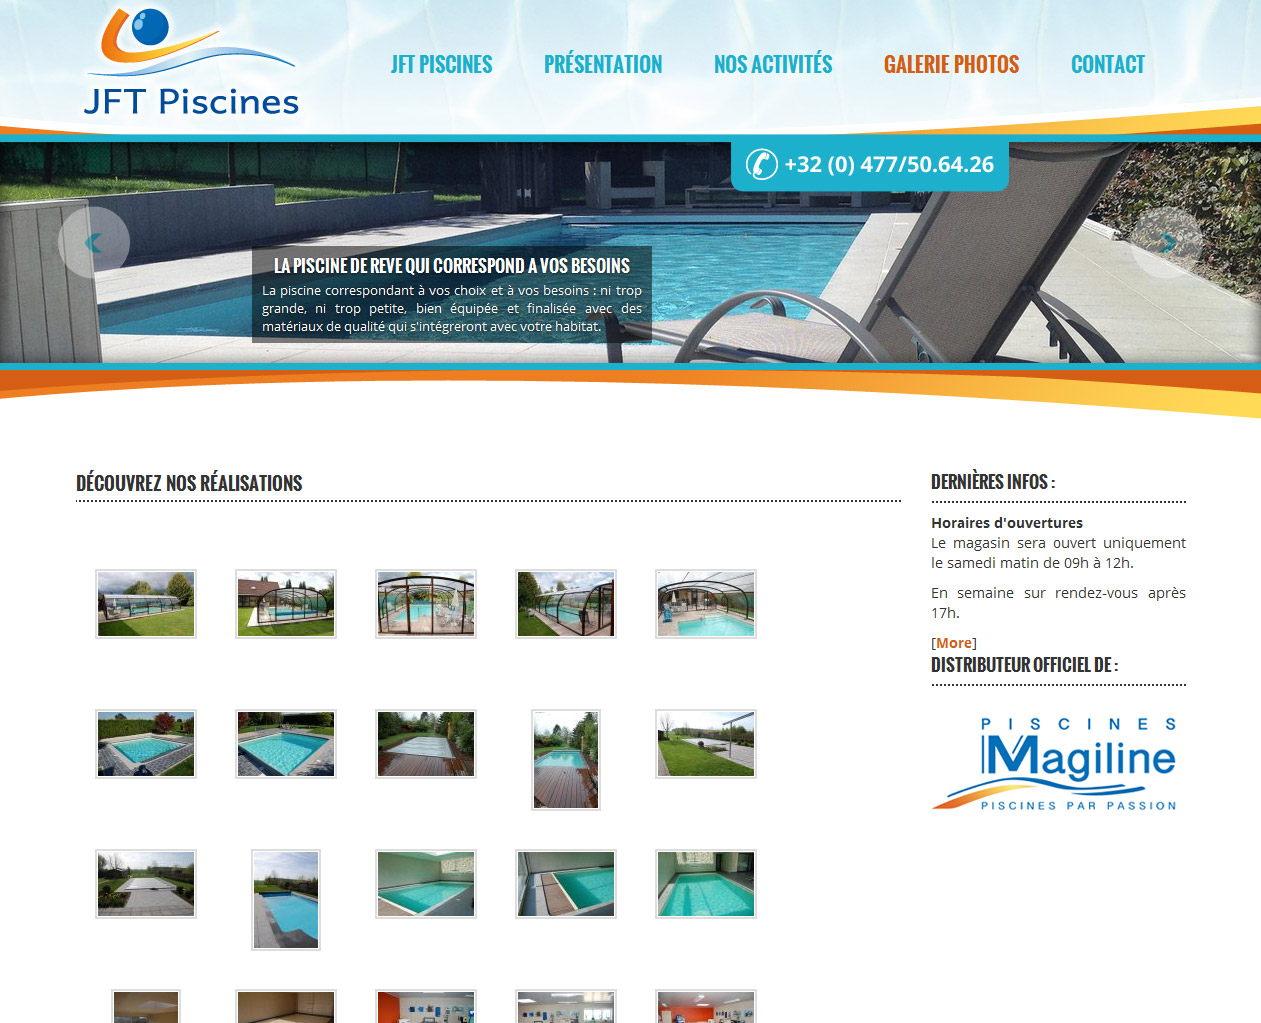 JFT Piscines